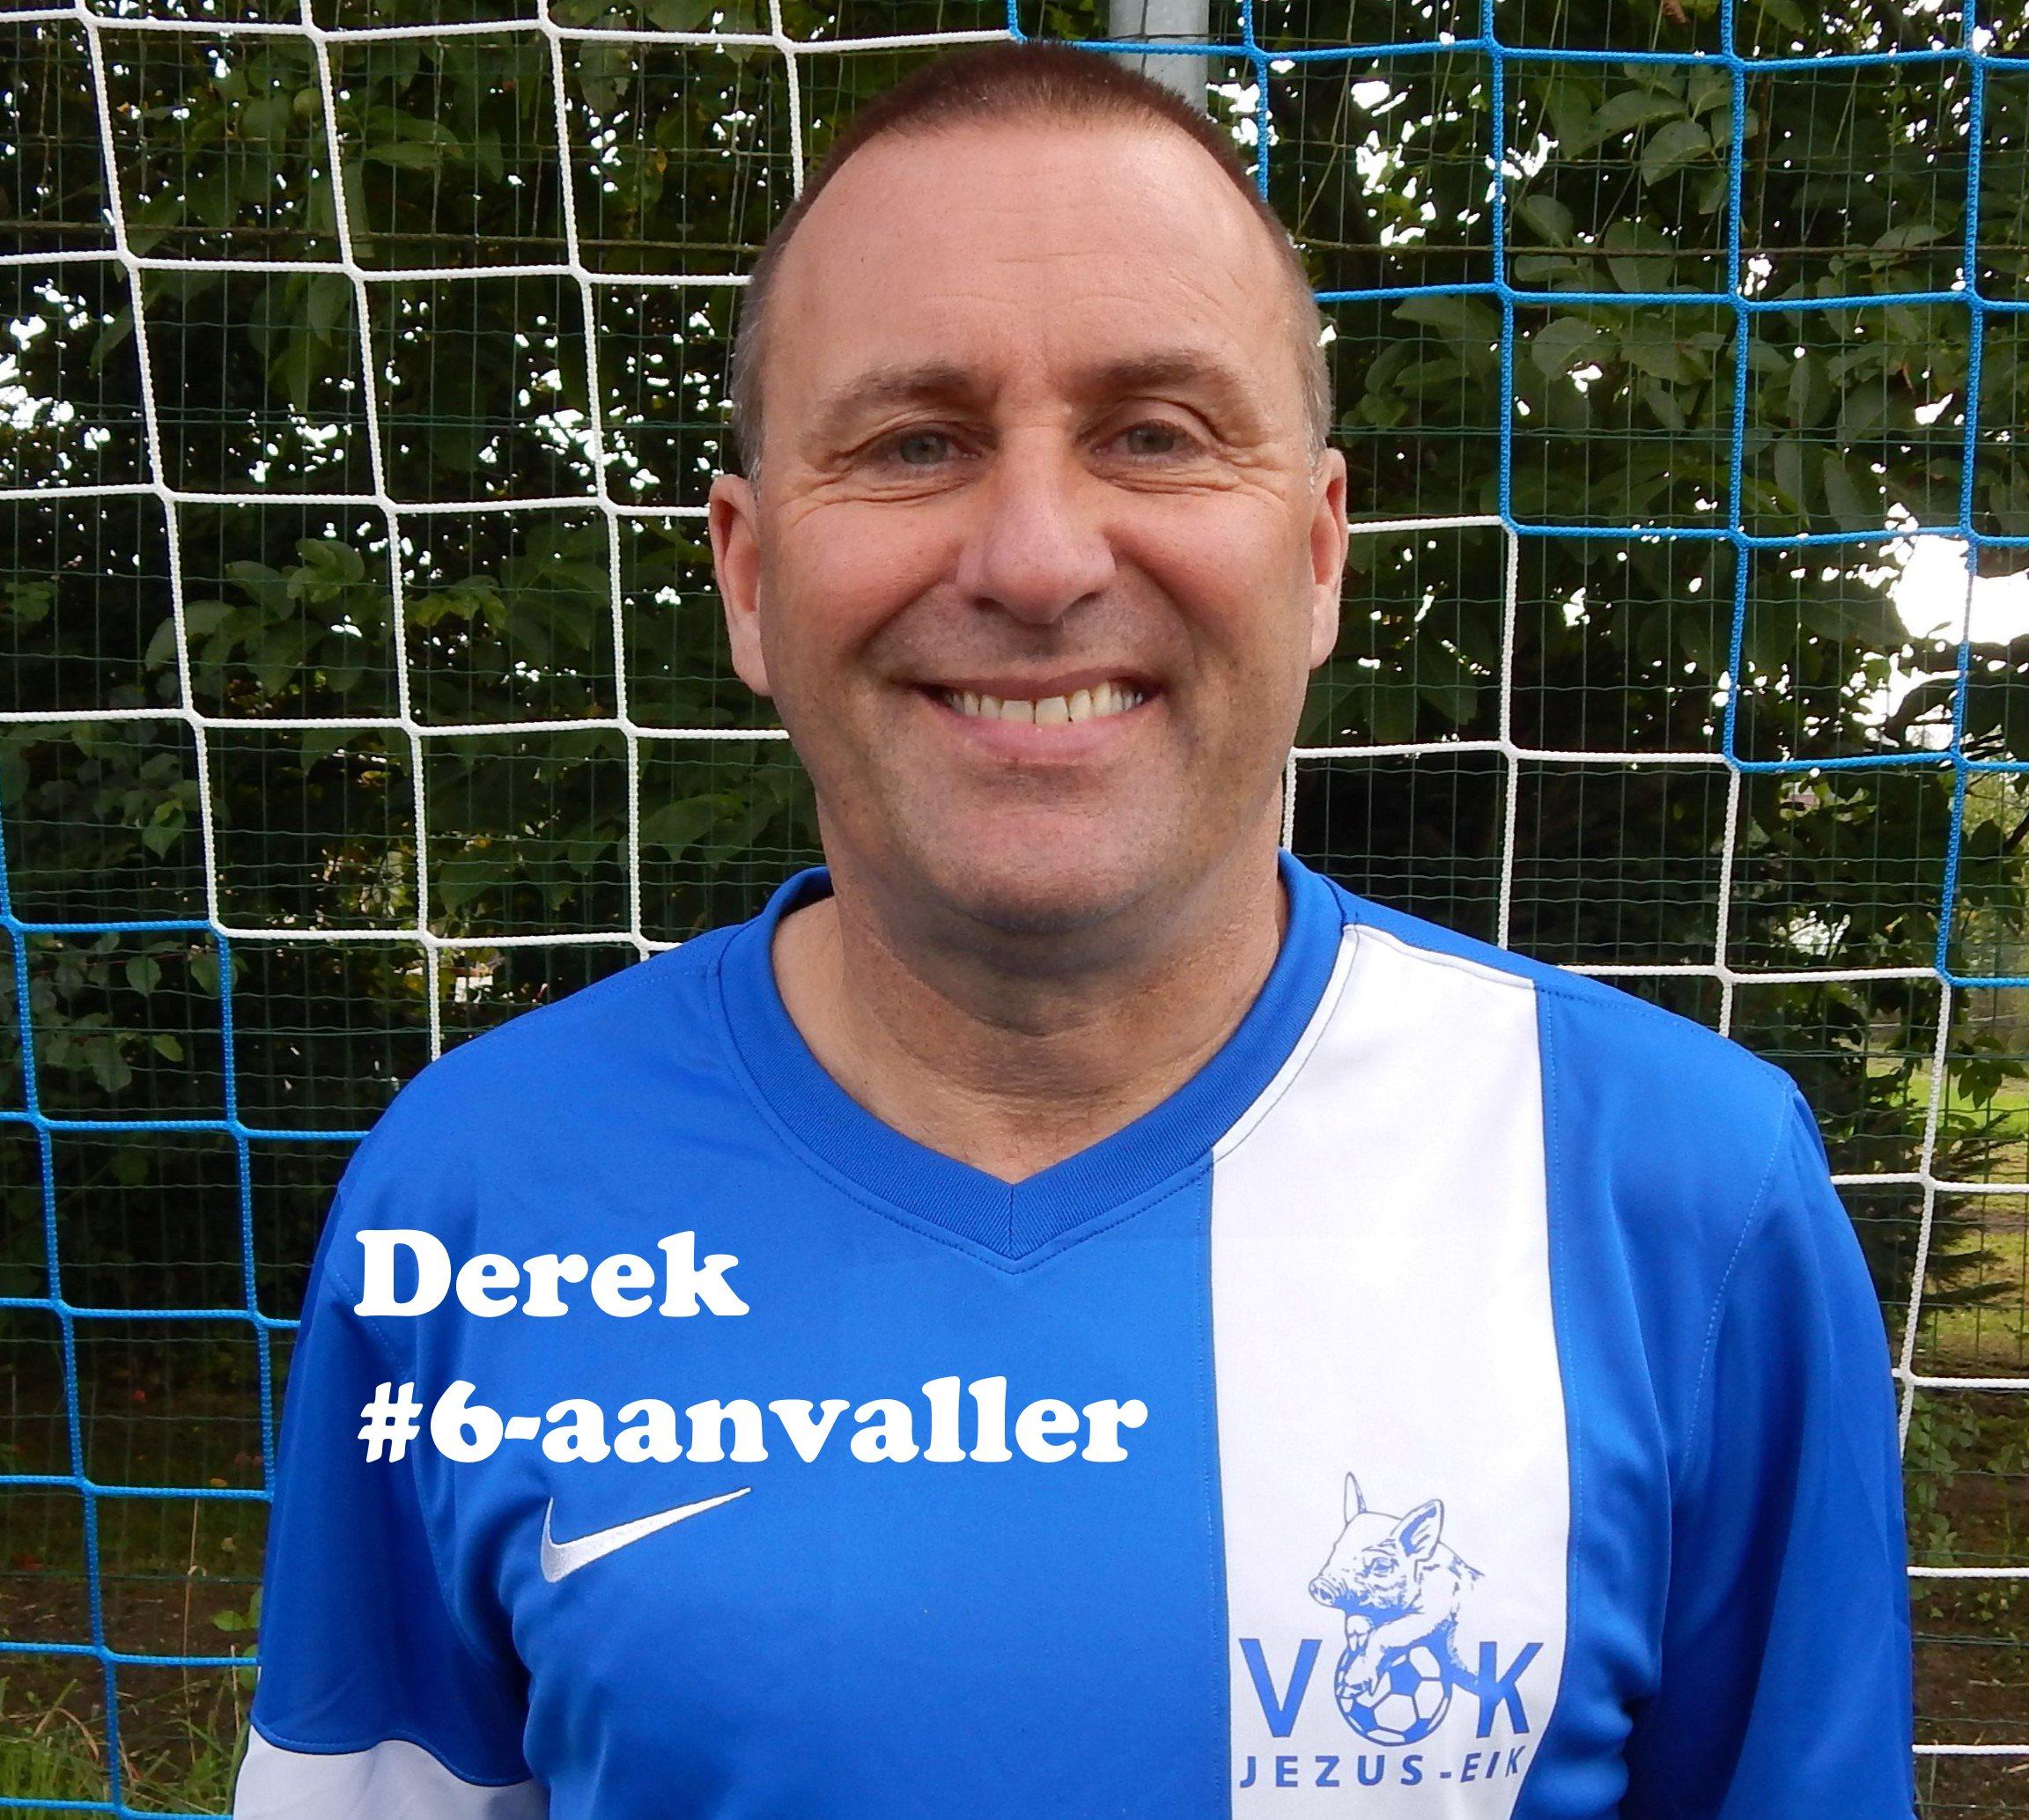 Derek - Aanvaller - 6